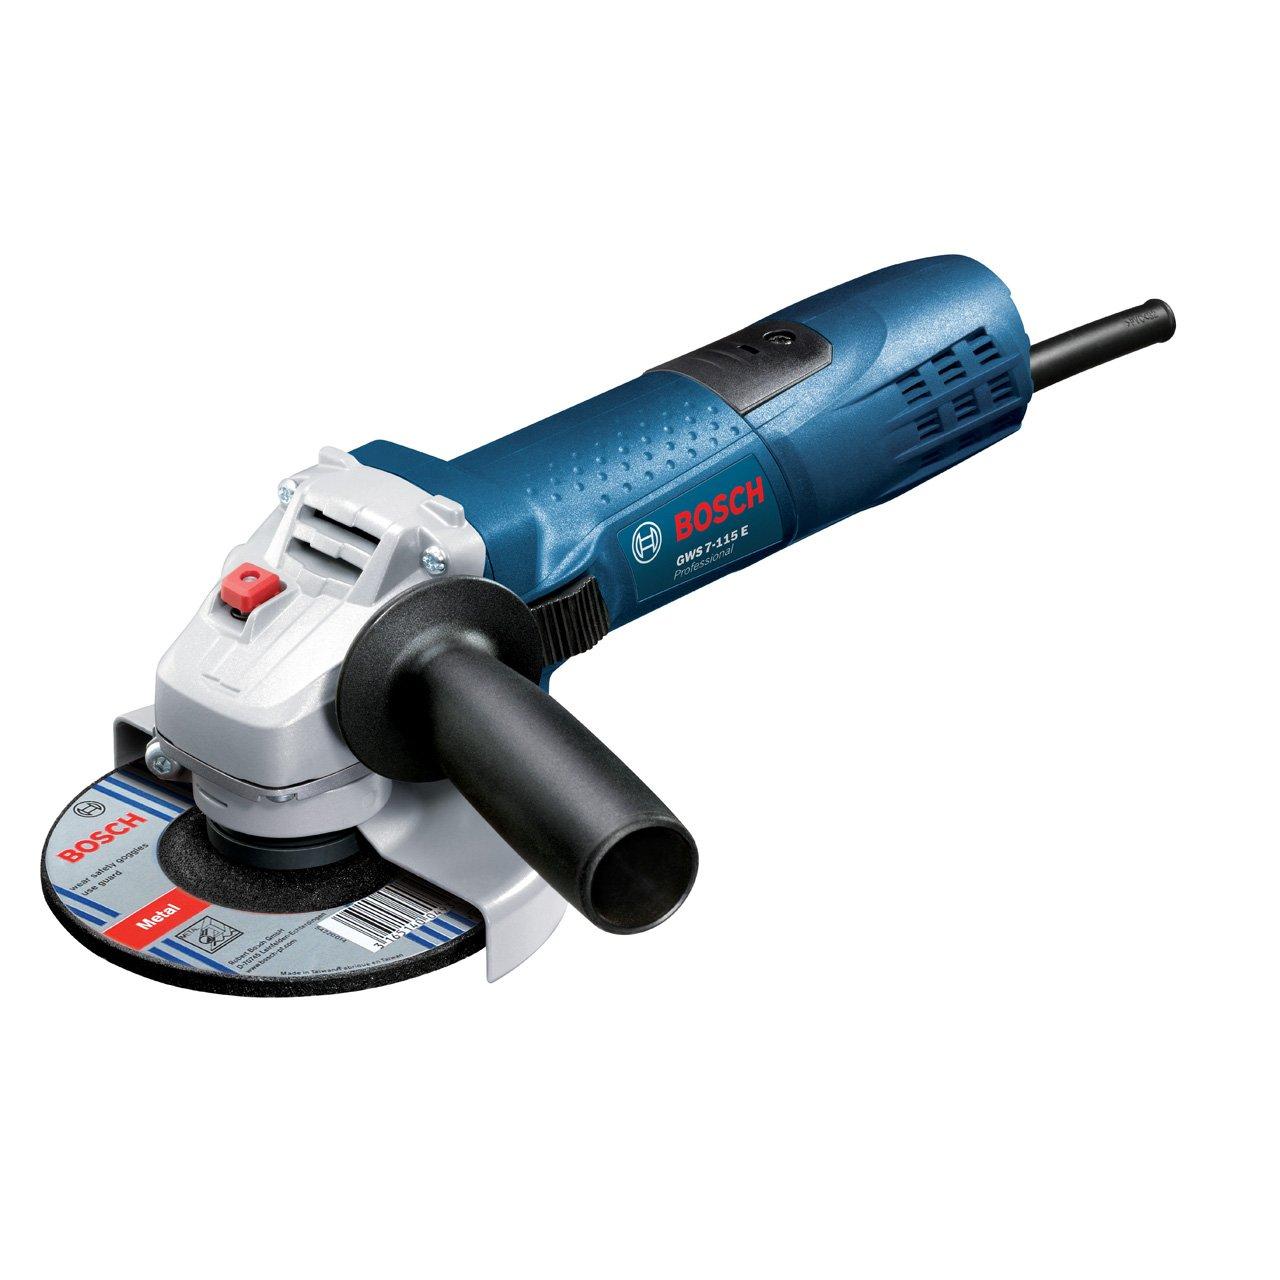 Bosch Professional GWS 7115 E, 720 W Nennaufnahmeleistung, 2.800  11.000 min1 Leerlaufdrehzahl, 115 mm ScheibenØ, Schutzhaube  BaumarktRezension